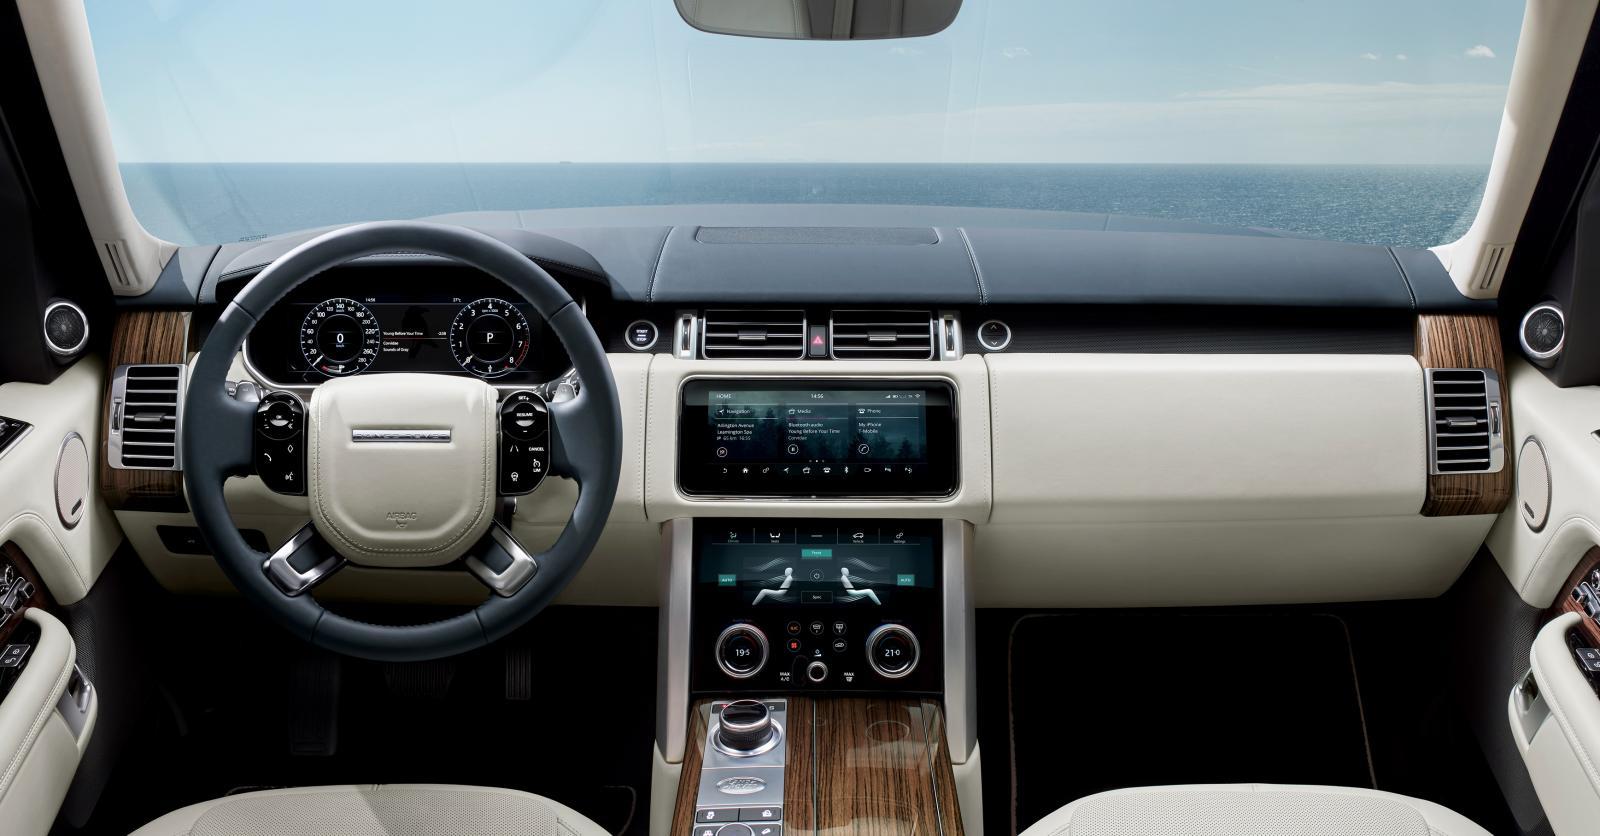 2018-facelift-Range-Rover- (21)